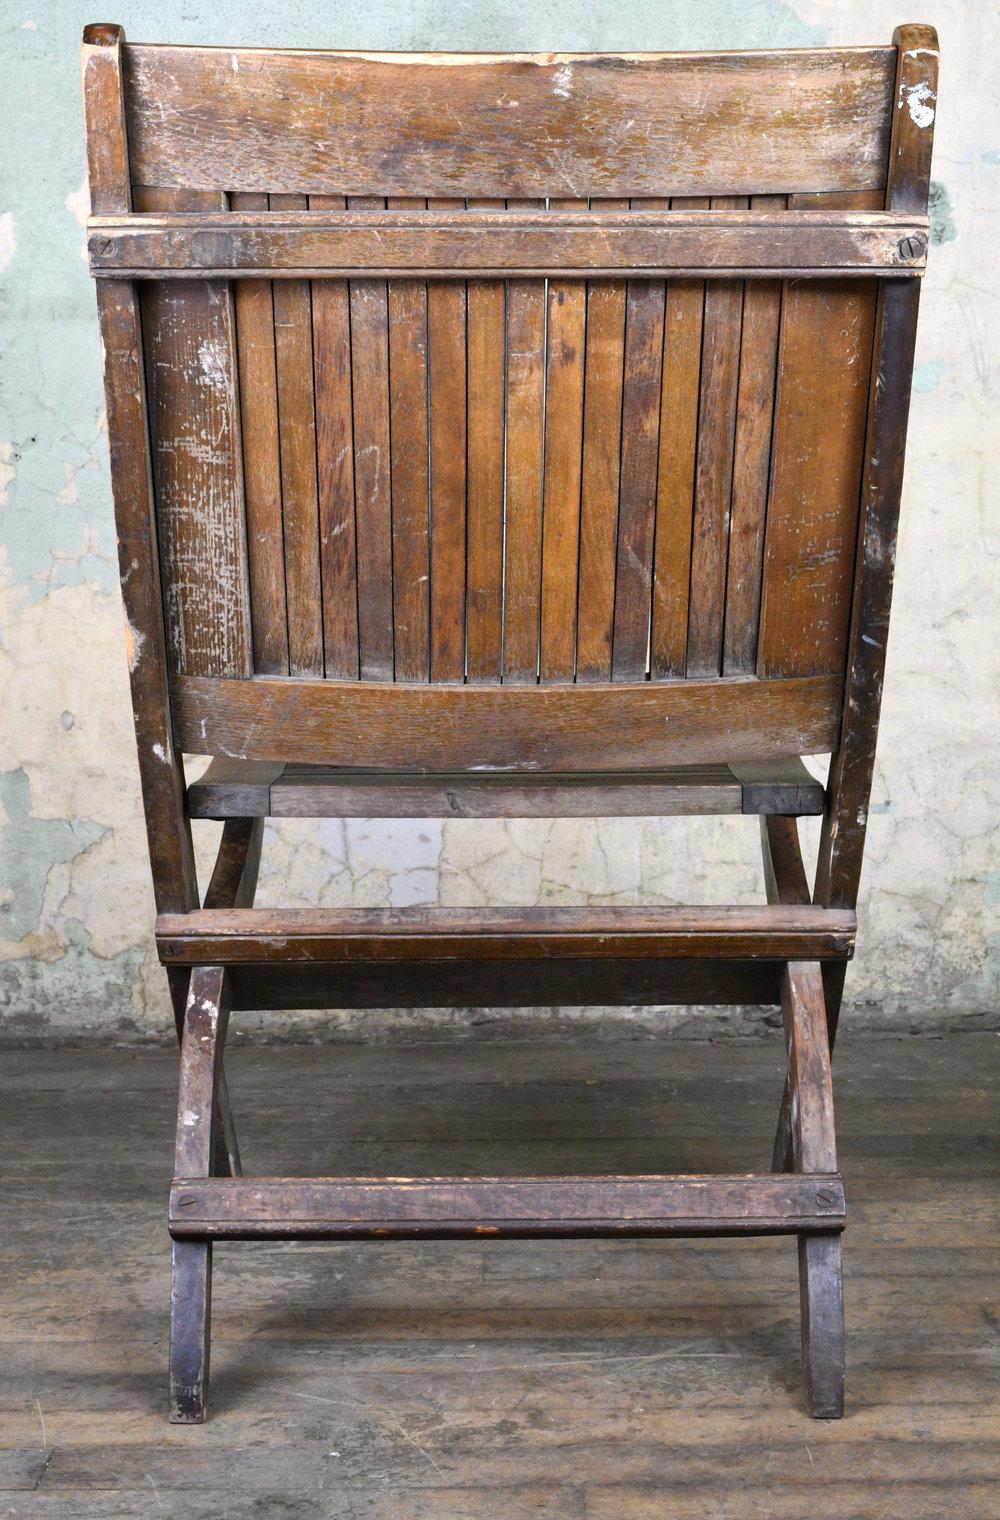 47681-A-wood-slat-folding-chair-folded-in.jpg